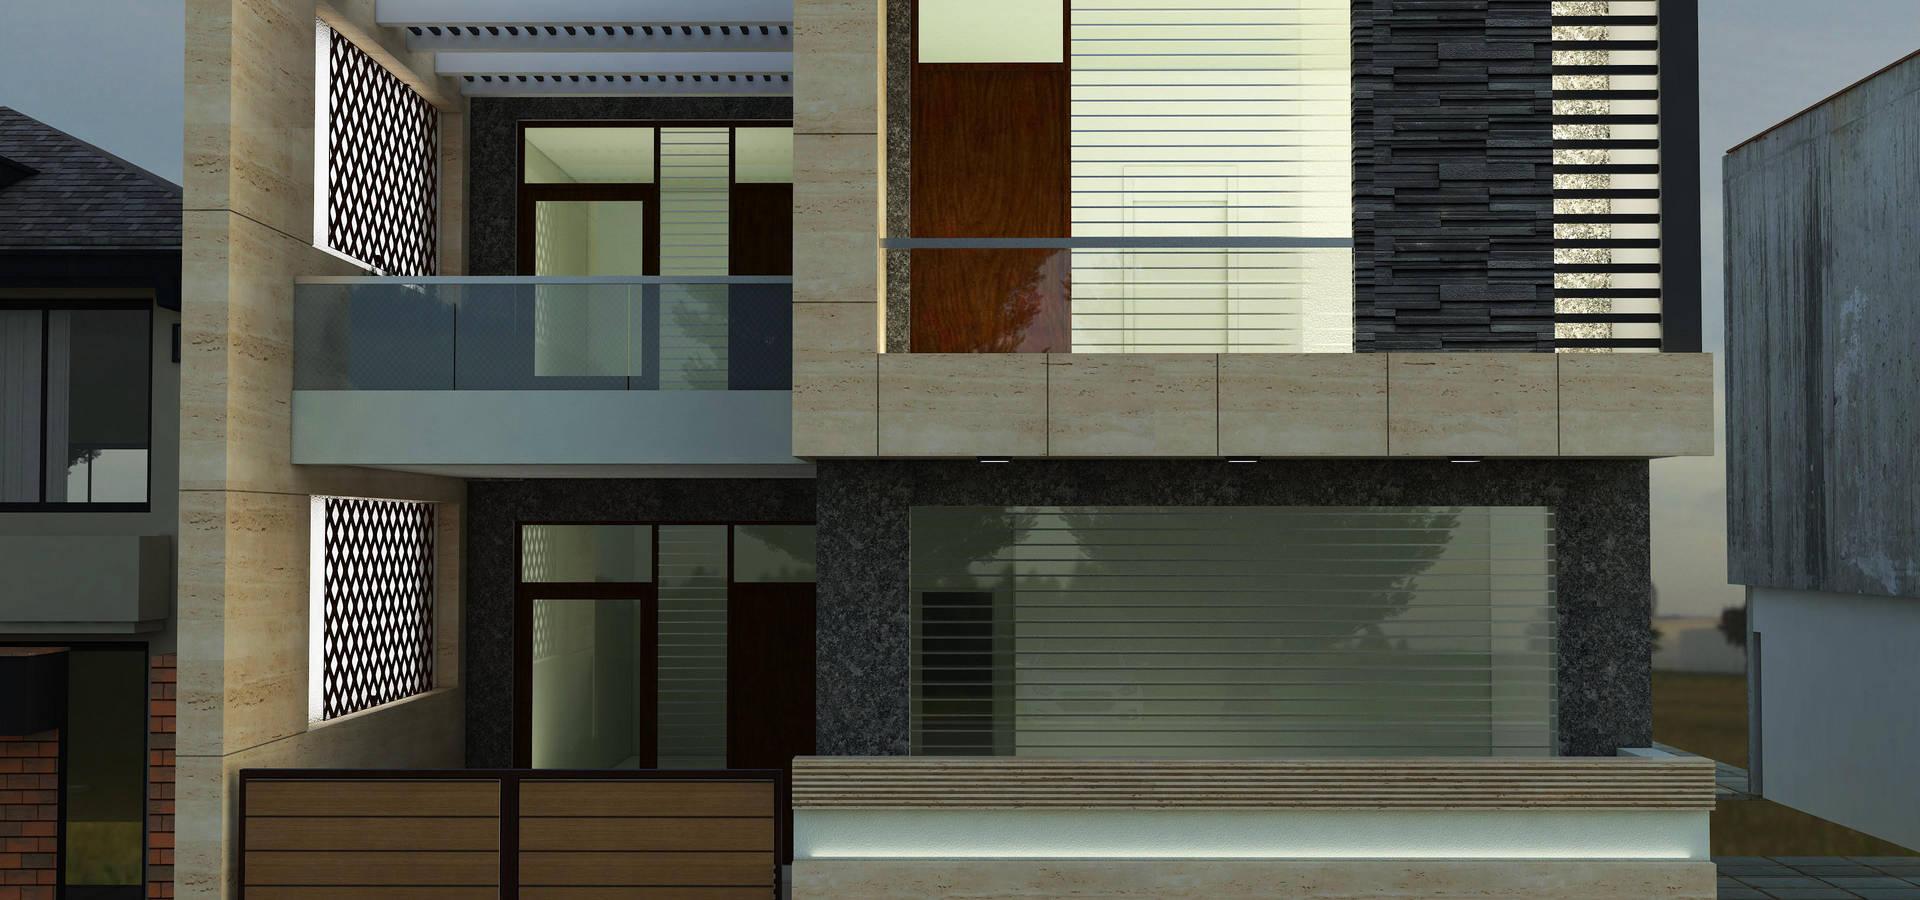 S A Designs